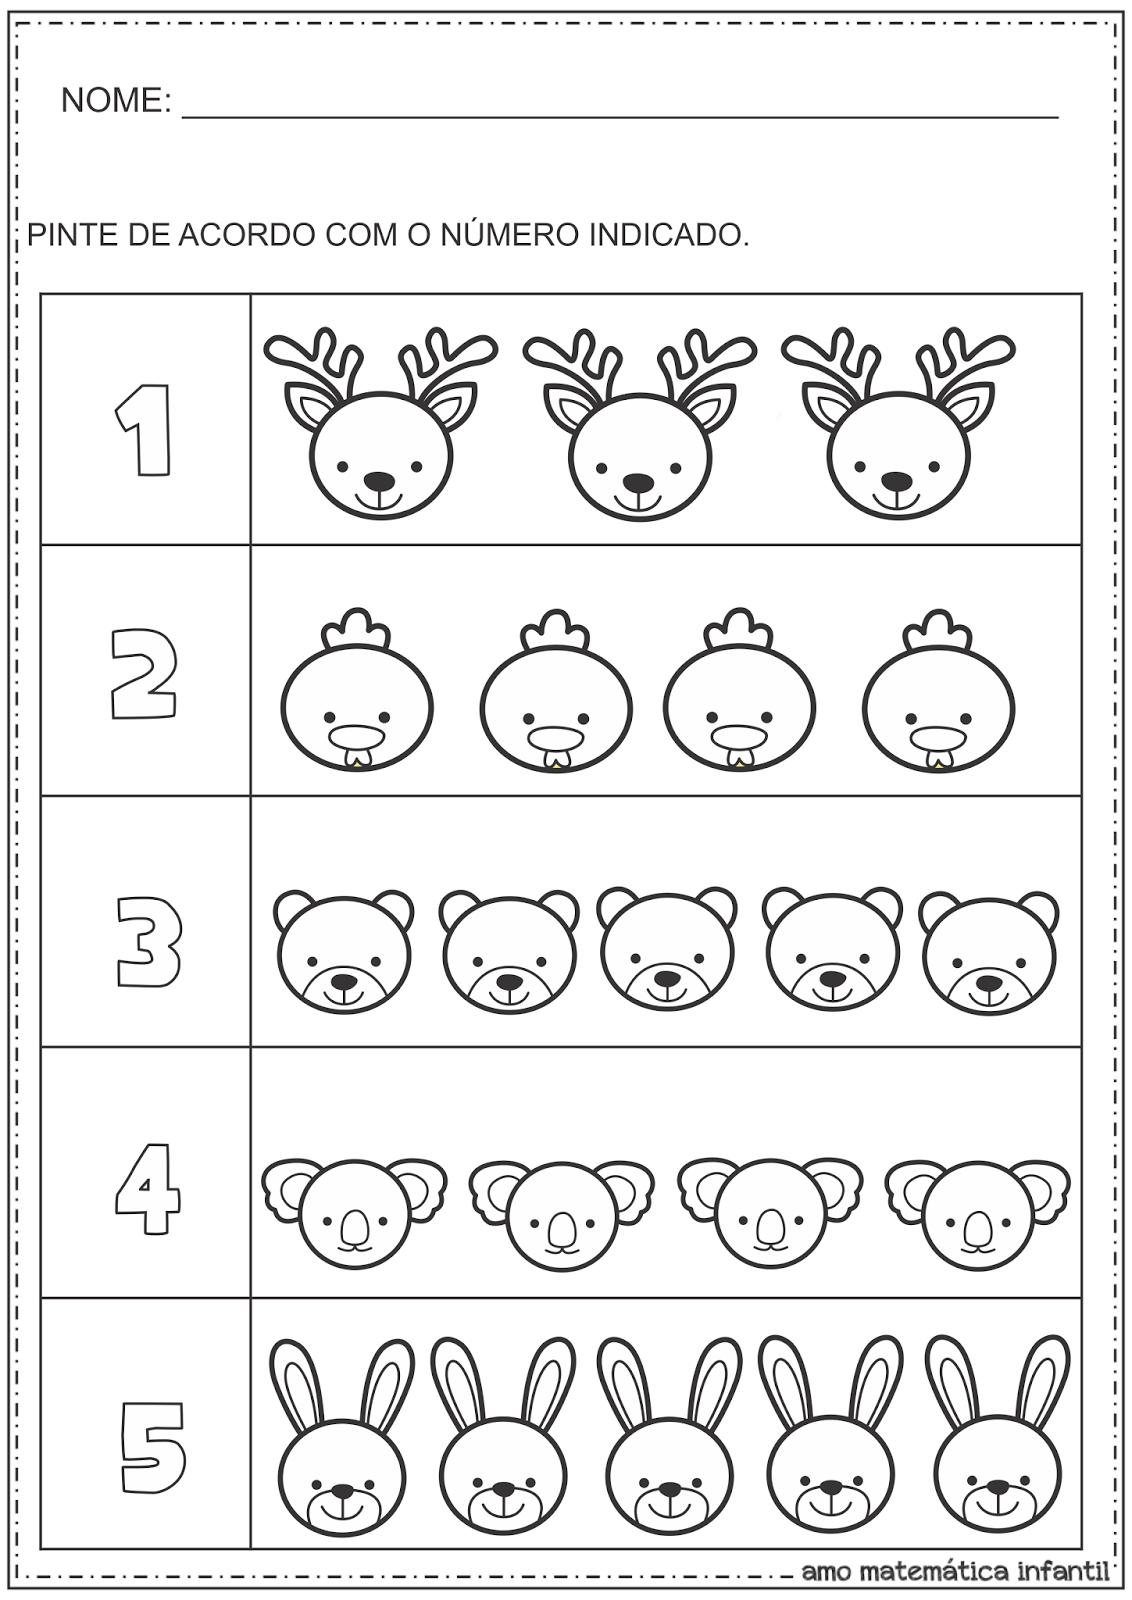 Matematica Infantil Numero E Quantidade Pintura Animais Atividade